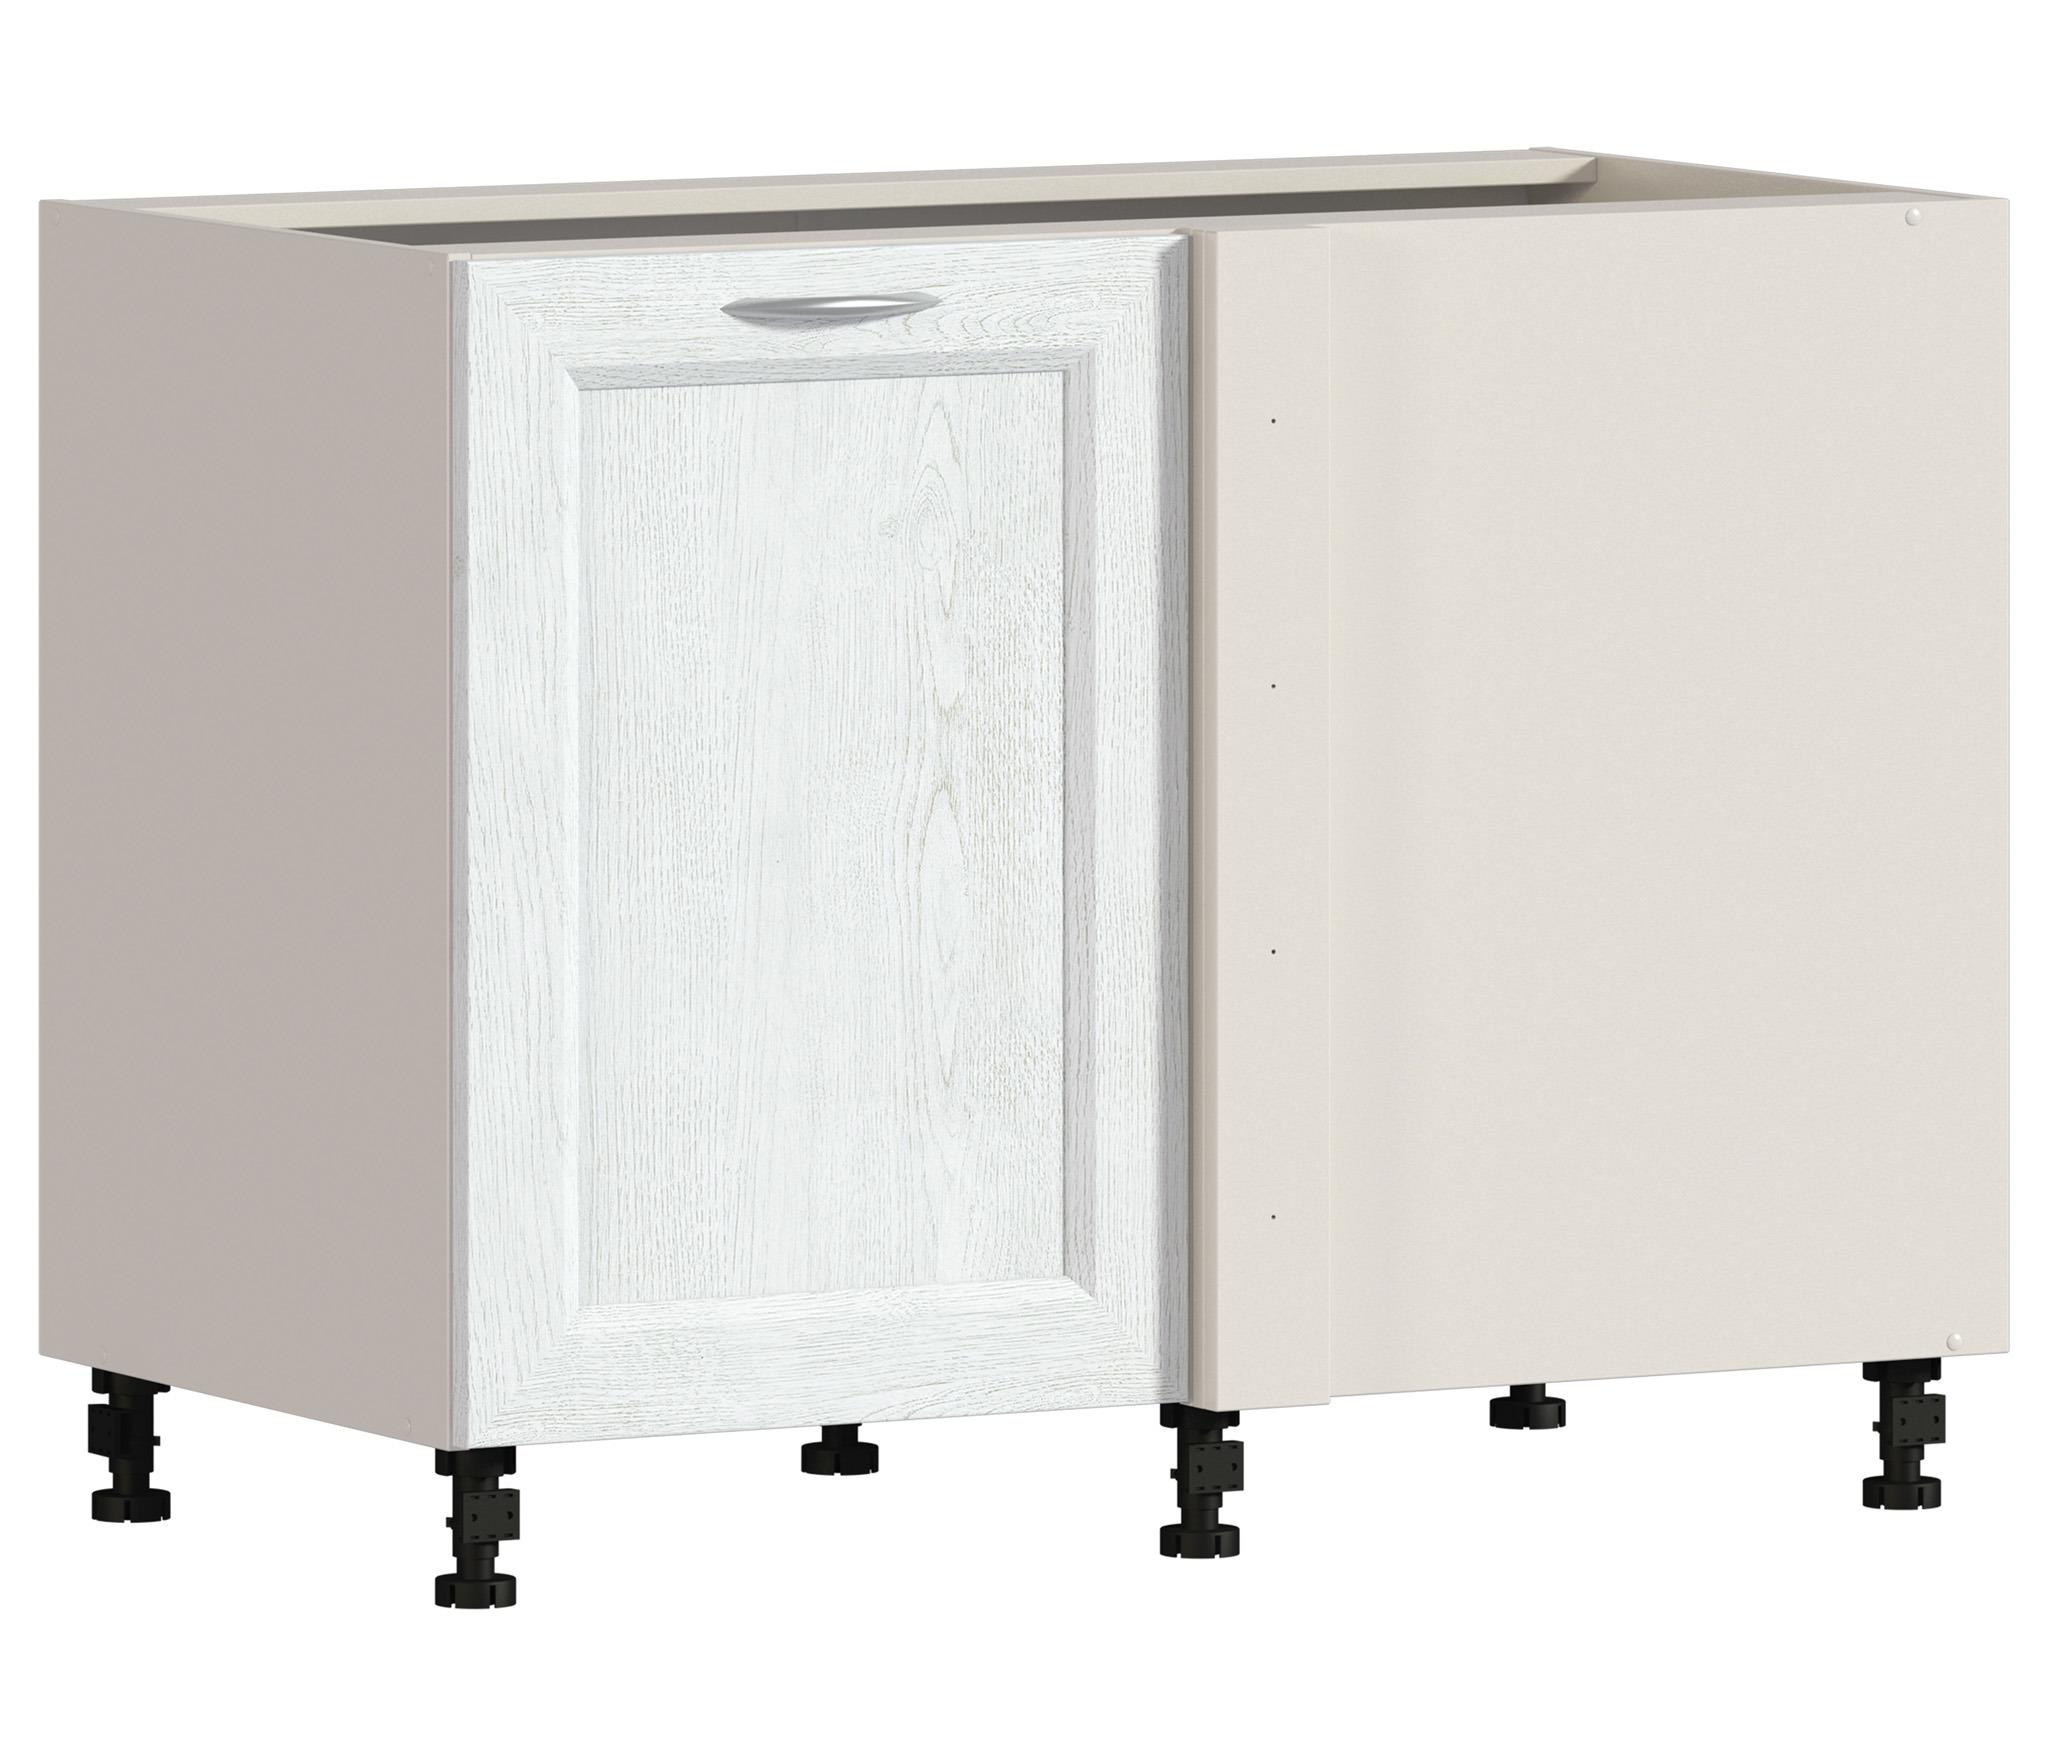 Регина РСП-100 стол приставнойГарнитуры<br>Приставной стол с одной открывающейся вправо дверцей. Рекомендуем дополнительно приобрести столешницу.<br><br>Длина мм: 1087<br>Высота мм: 820<br>Глубина мм: 563